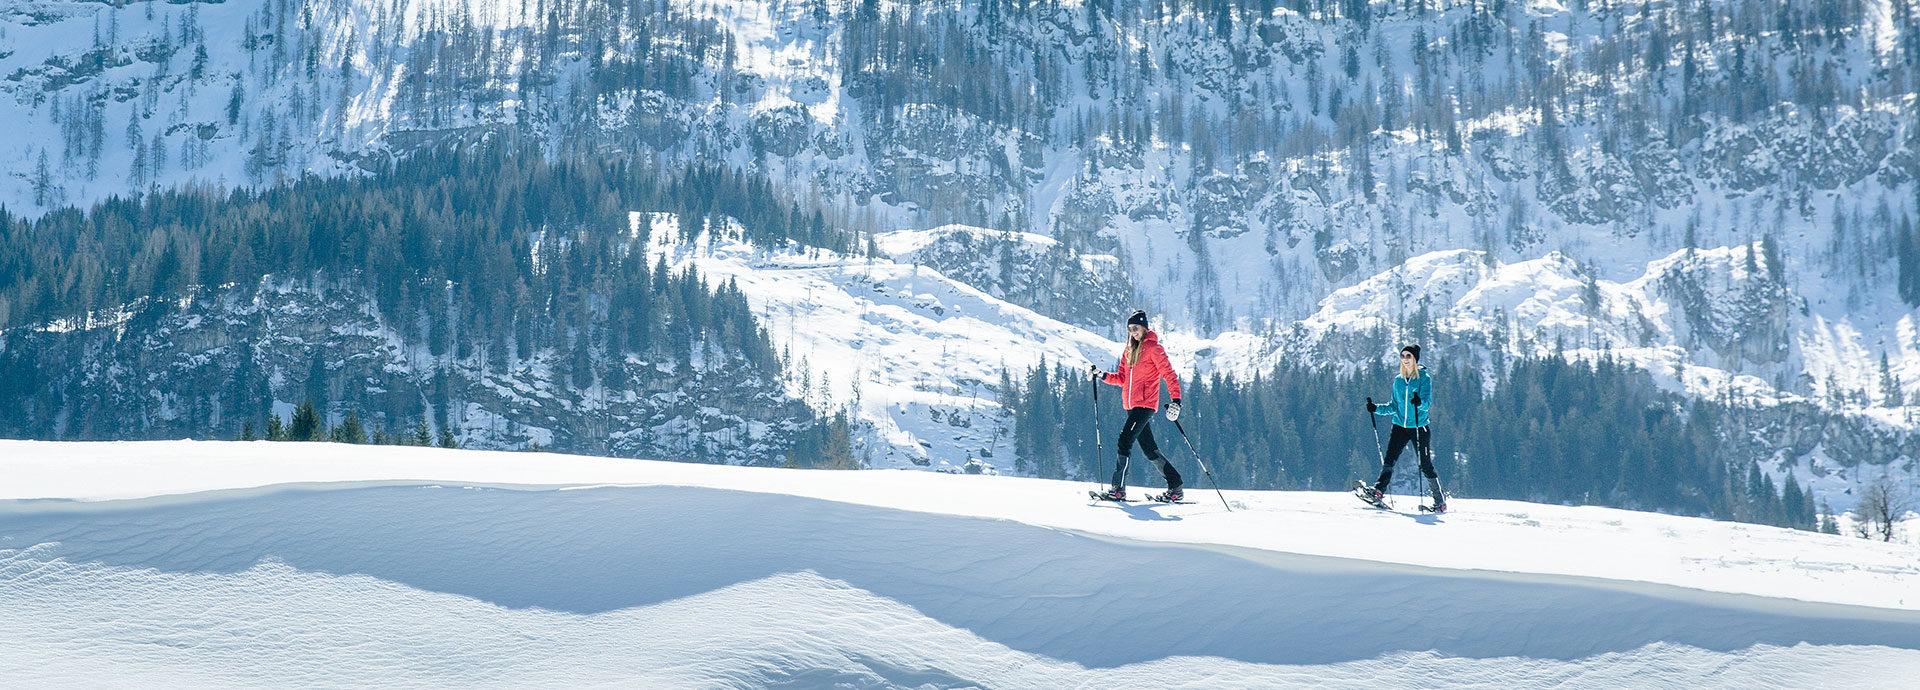 Winterwandern & Schneeschuhwandern, Obertauern